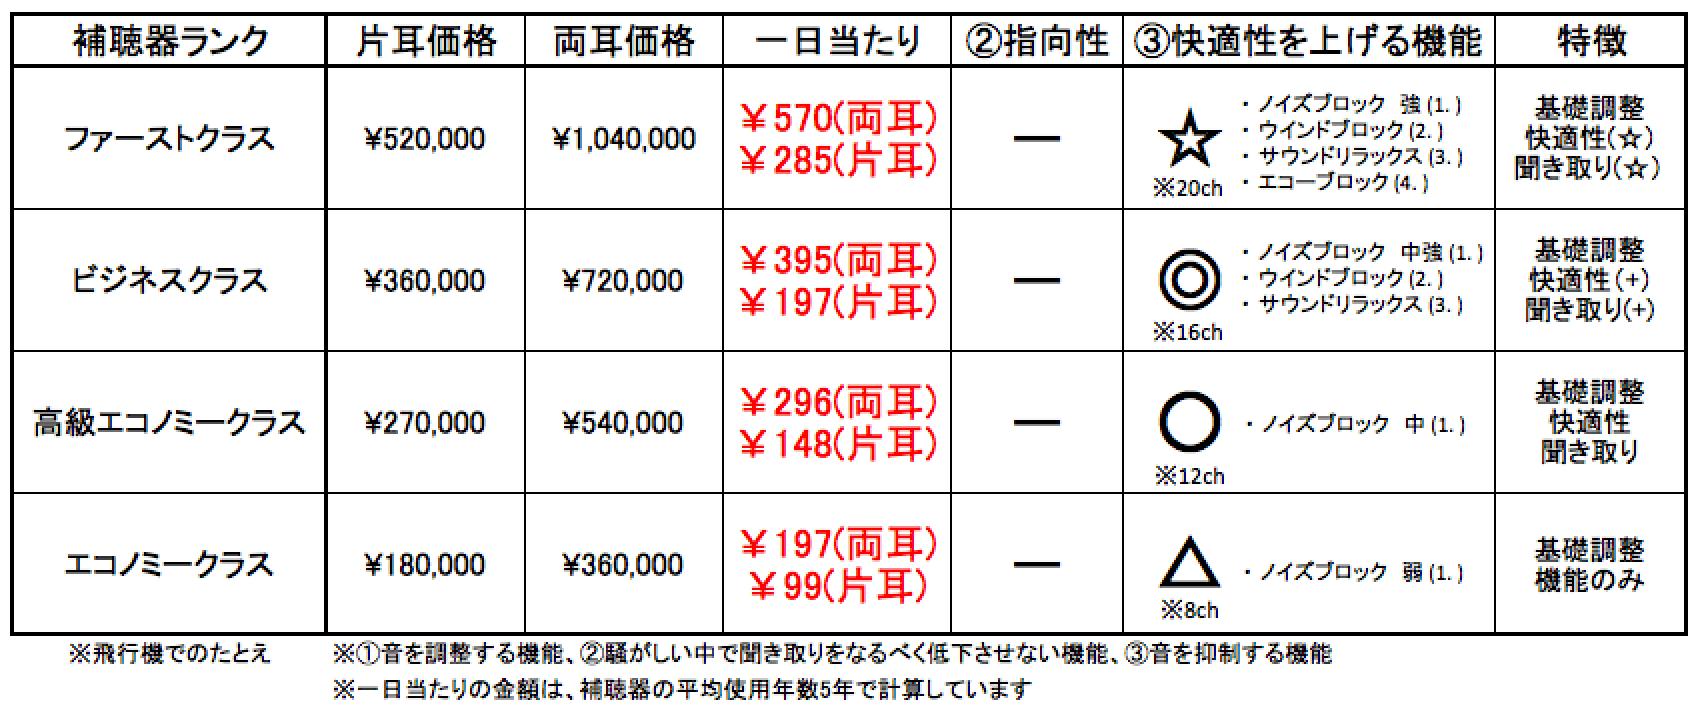 ite-price-cic